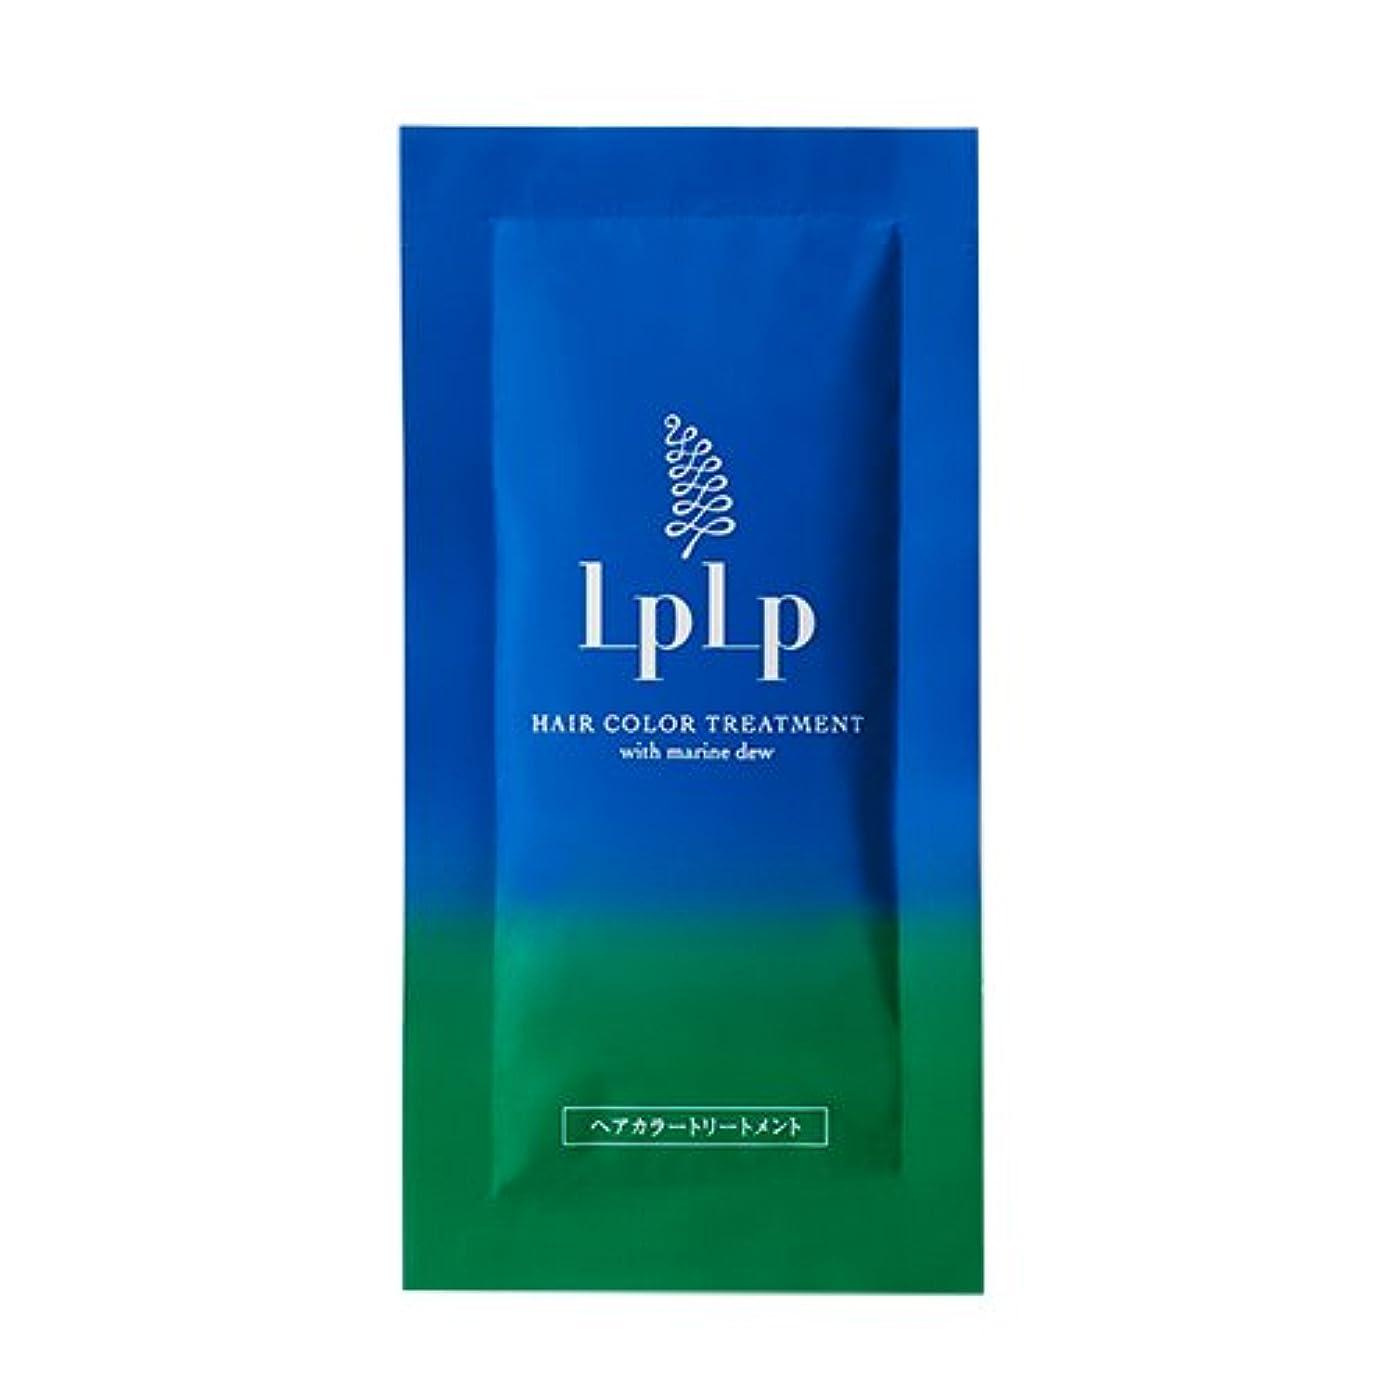 バルク開発近々LPLP(ルプルプ)ヘアカラートリートメントお試しパウチ ダークブラウン